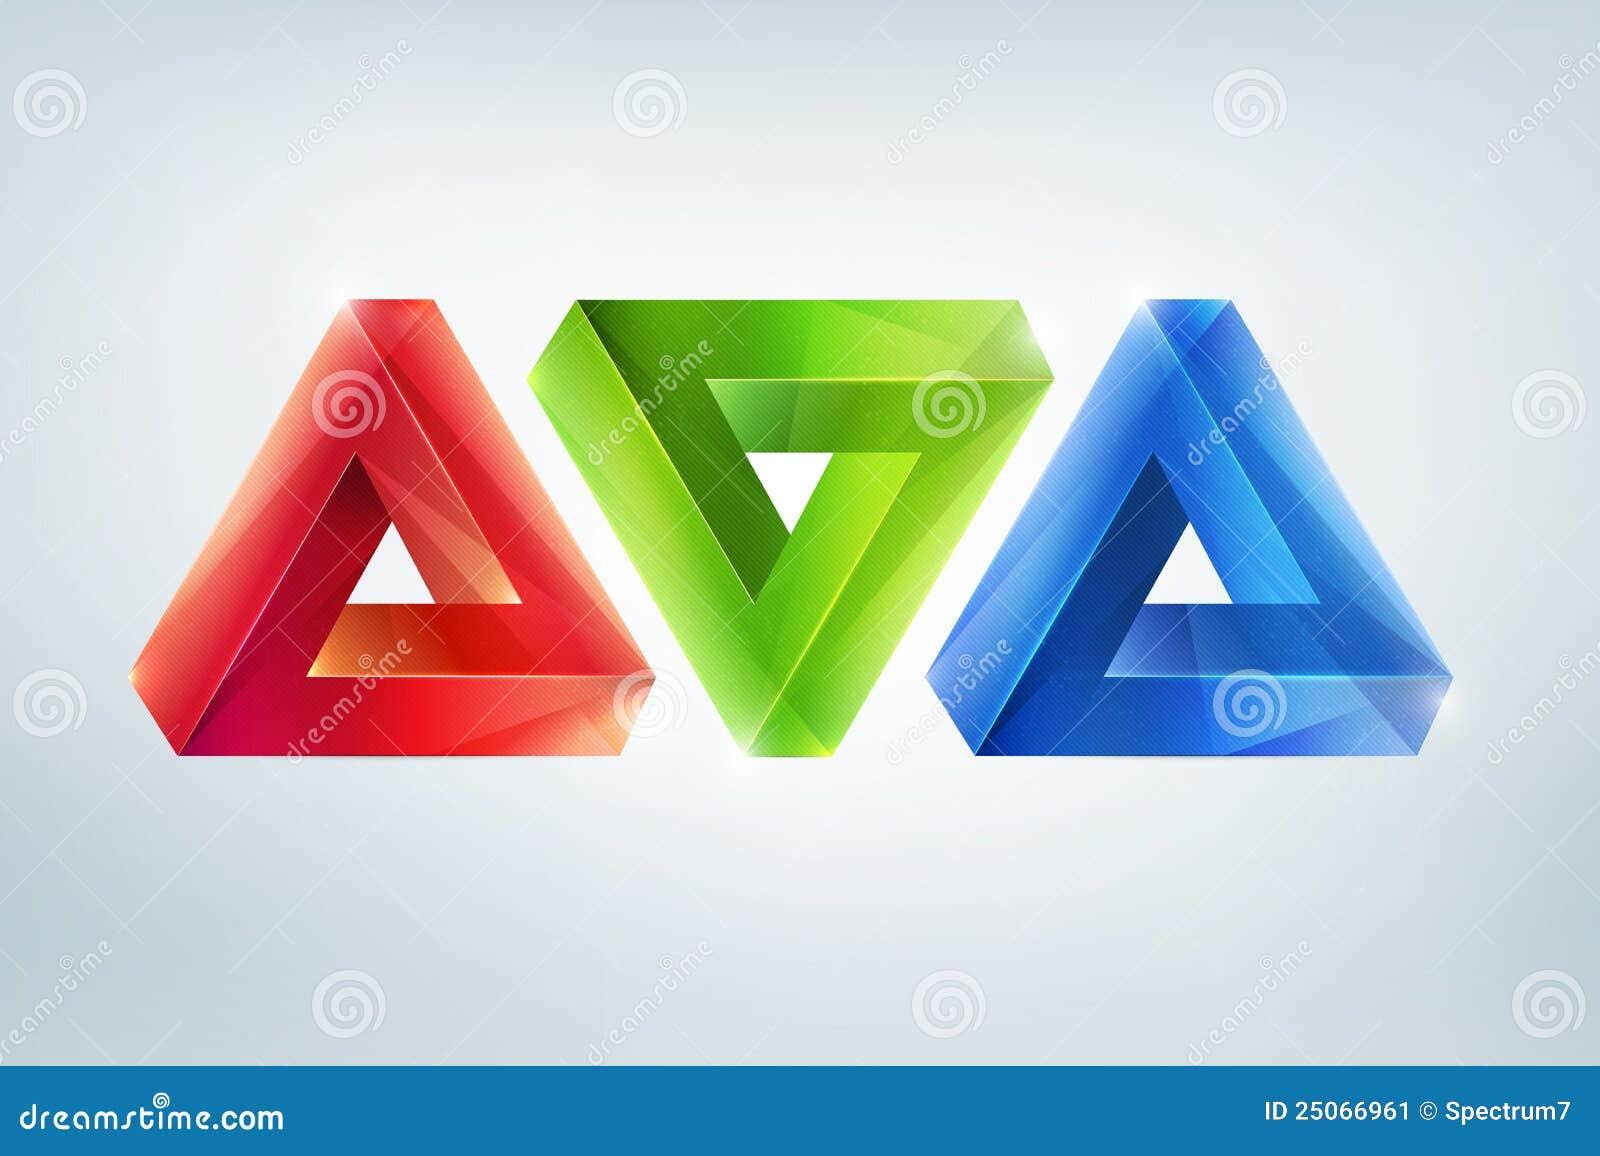 Figuras imposibles ilustraci n del vector ilustraci n de - Figuras geometricas imposibles ...